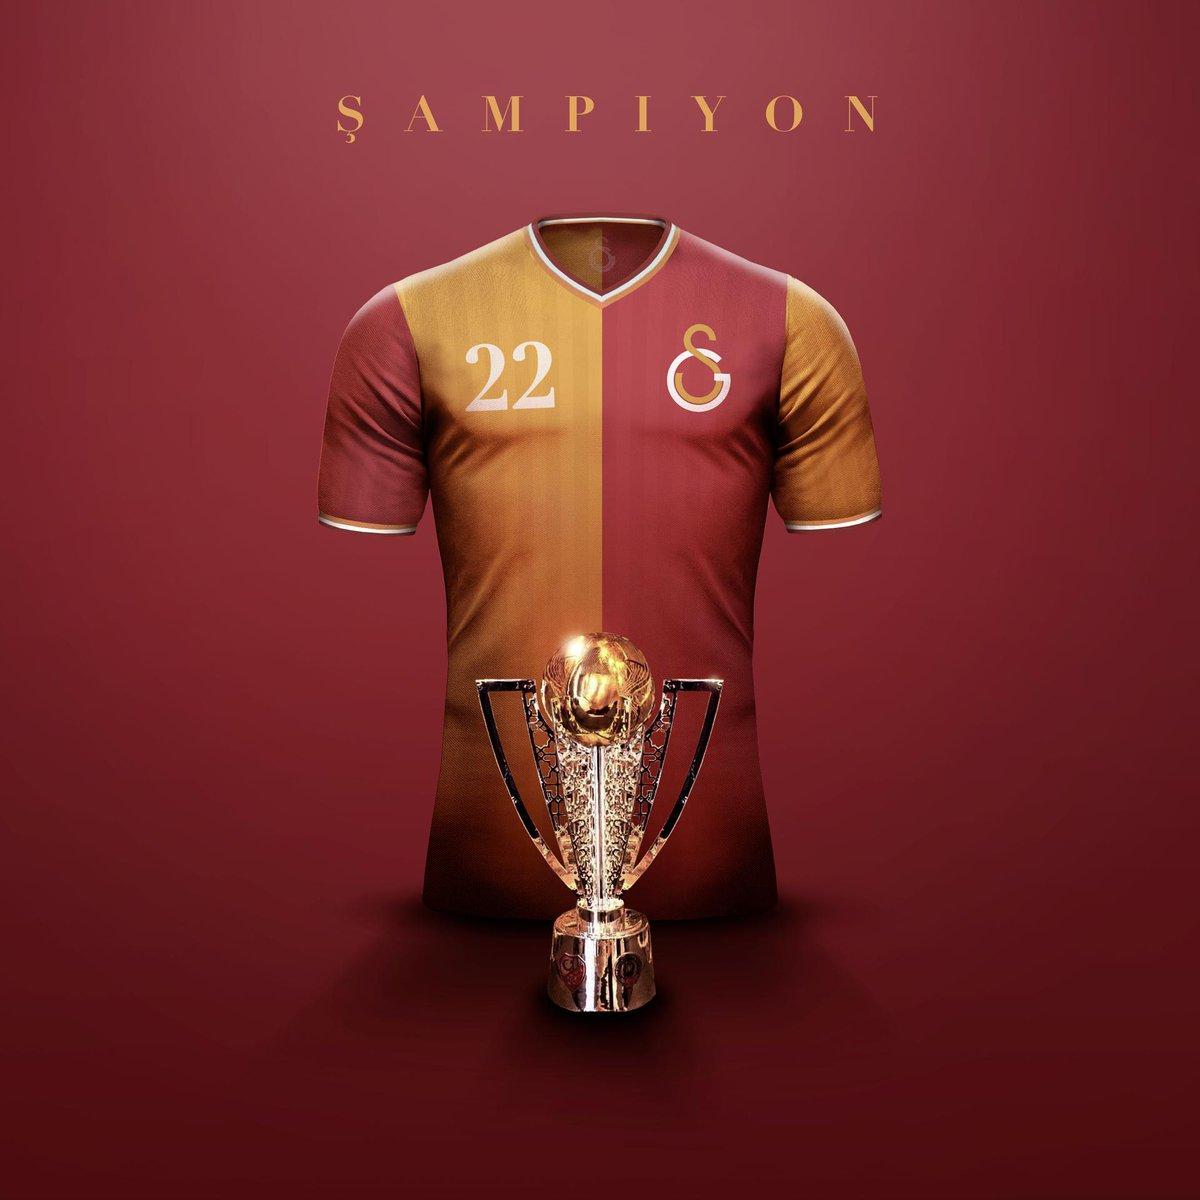 #Galatasaray Champions! 22